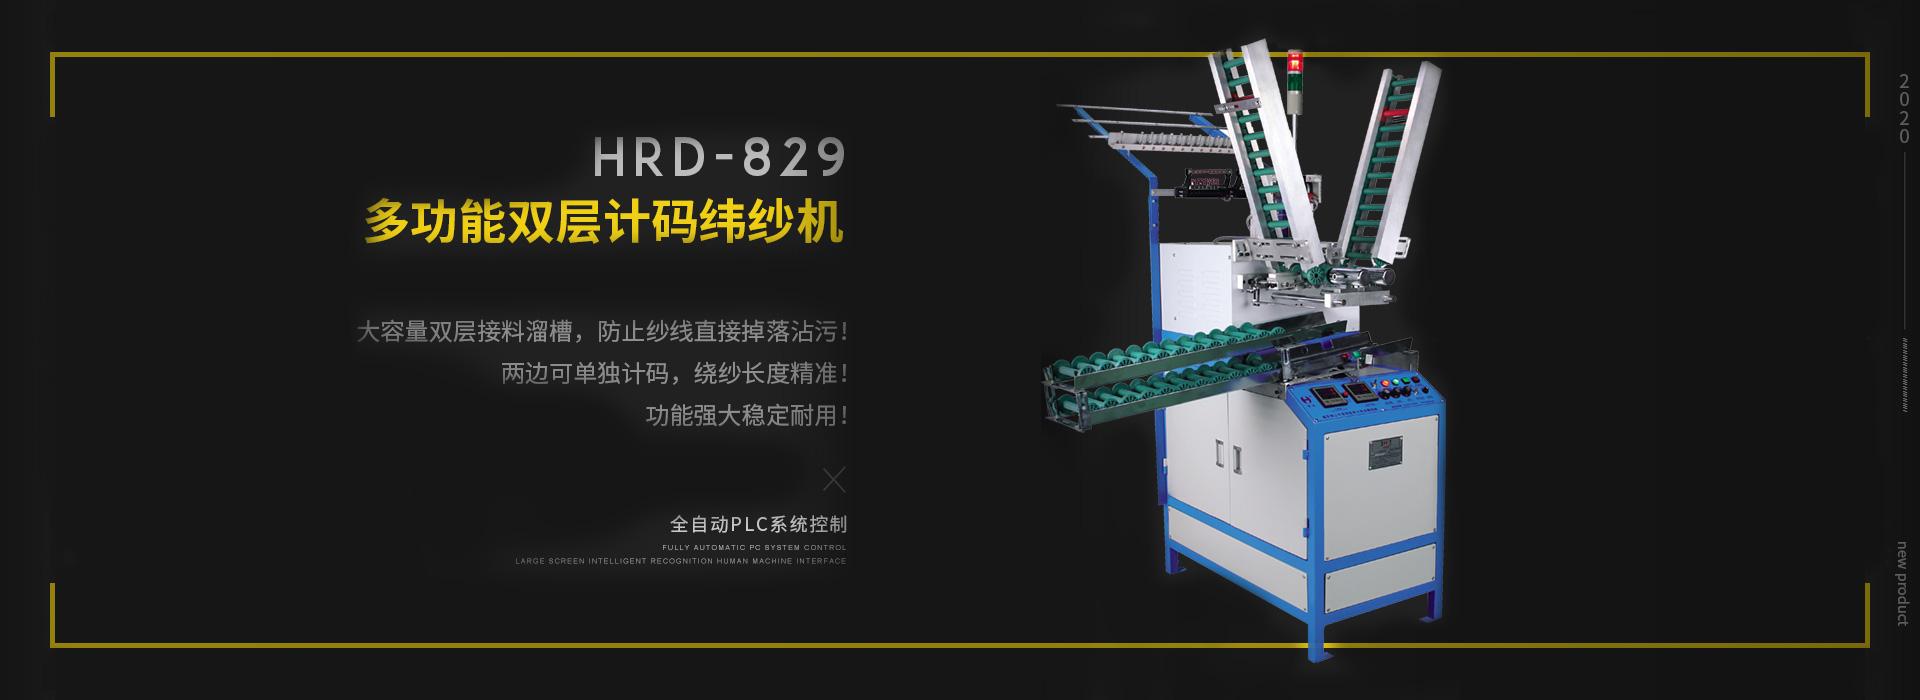 多功能全自动双层计码纬纱机HRD-829